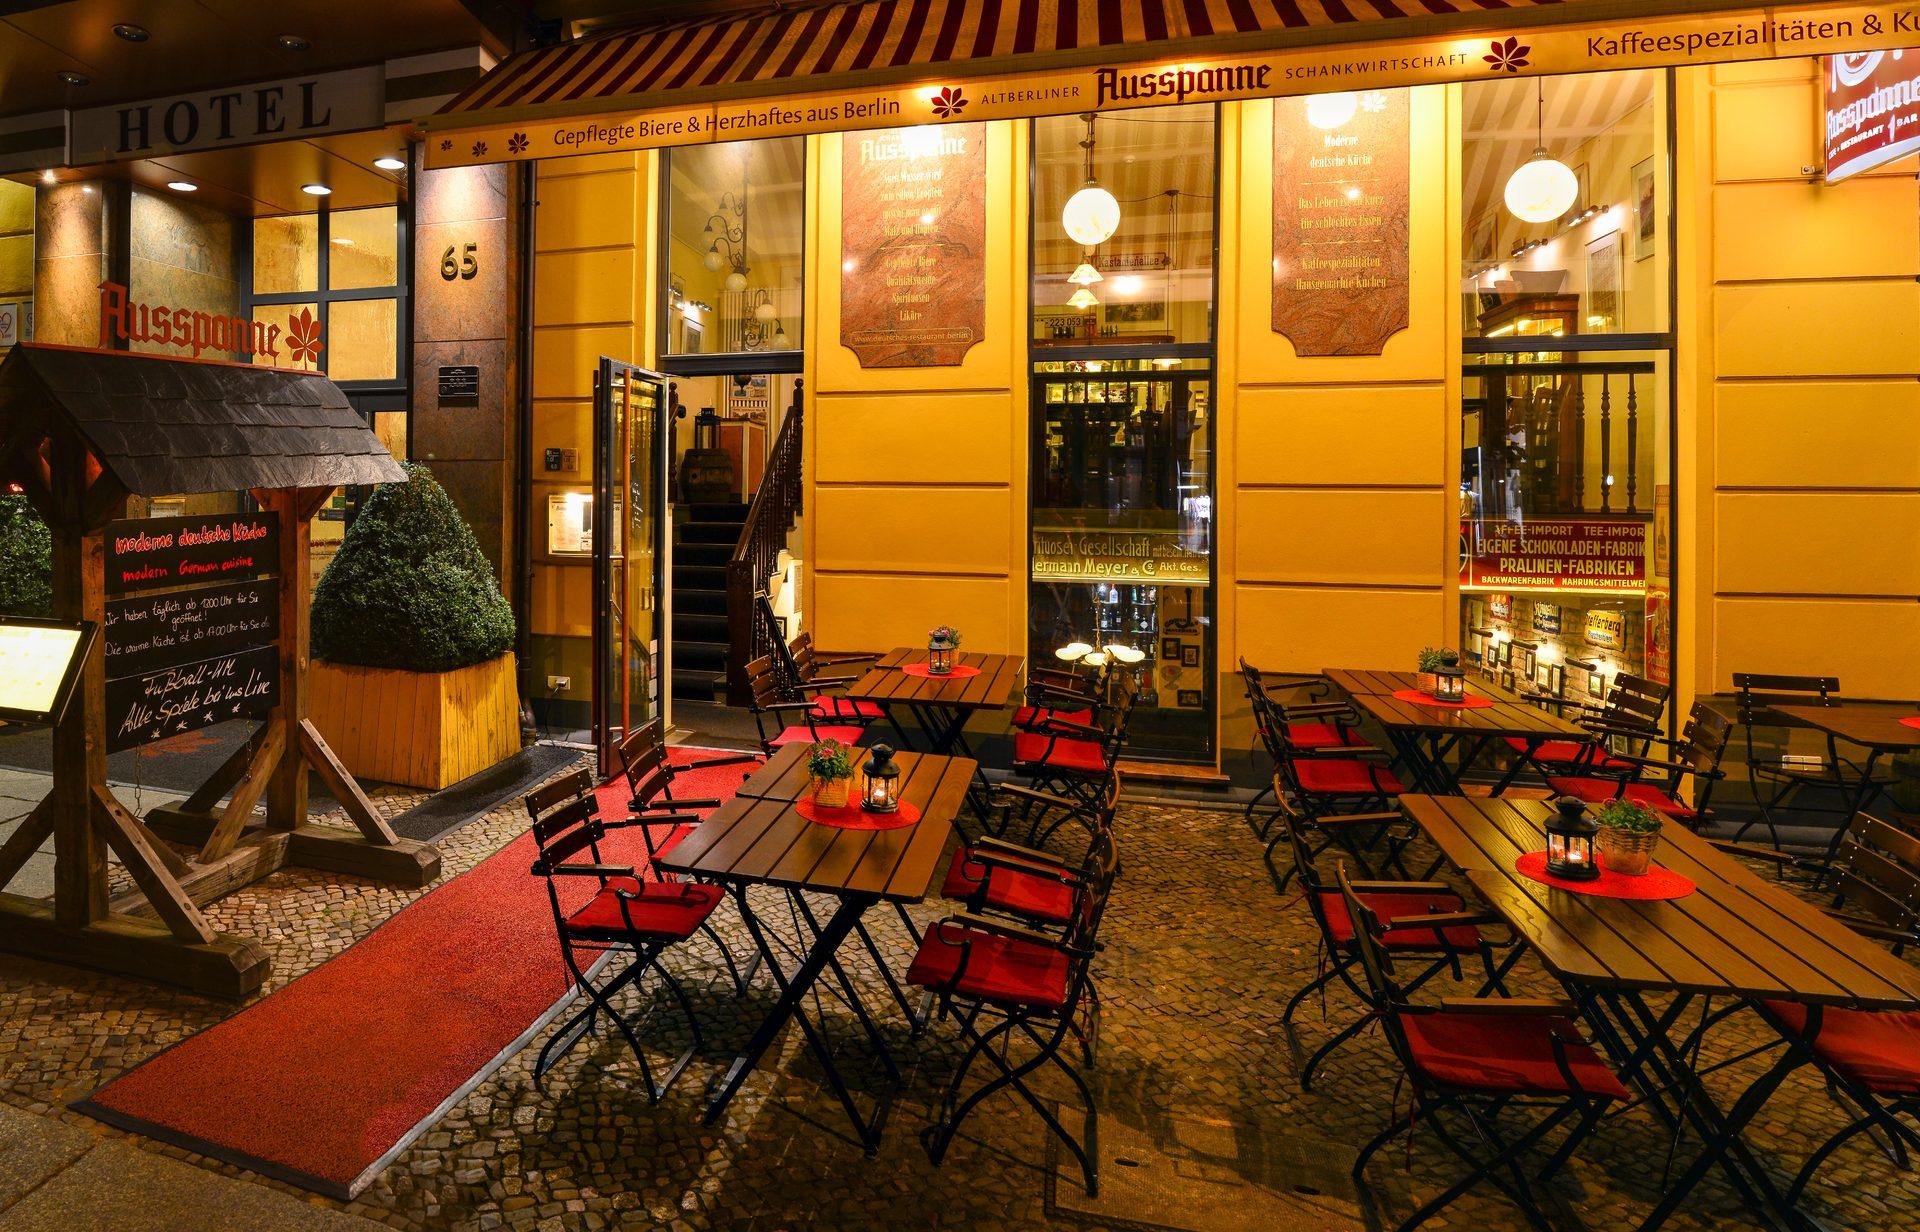 Ausspanne Deutsches Restaurant Berlin